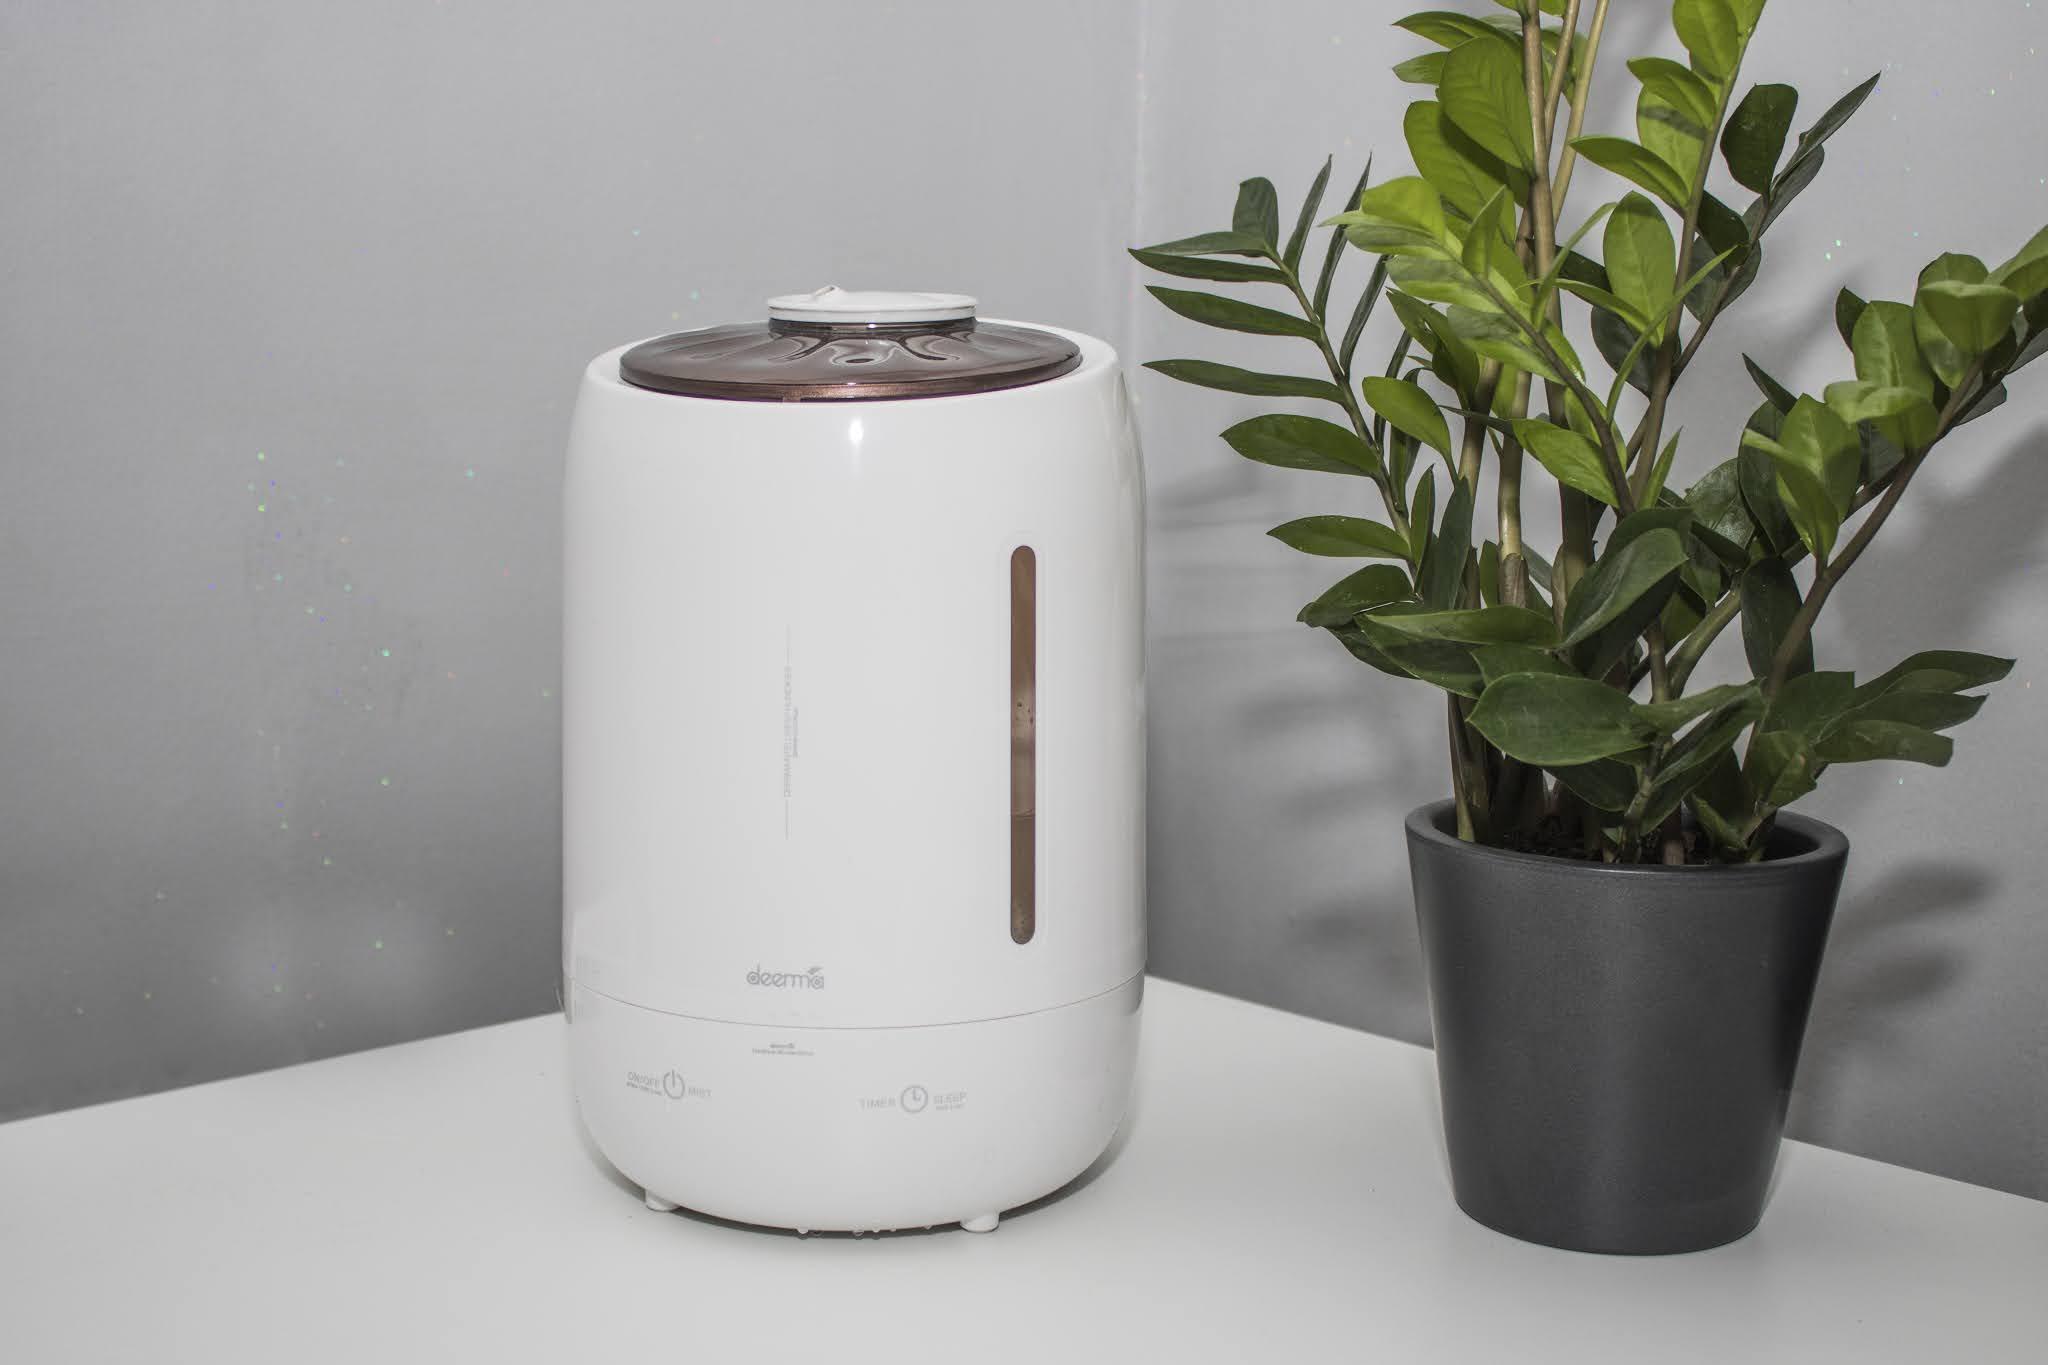 Ultradźwiękowy nawilżacz powietrza Deerma F600